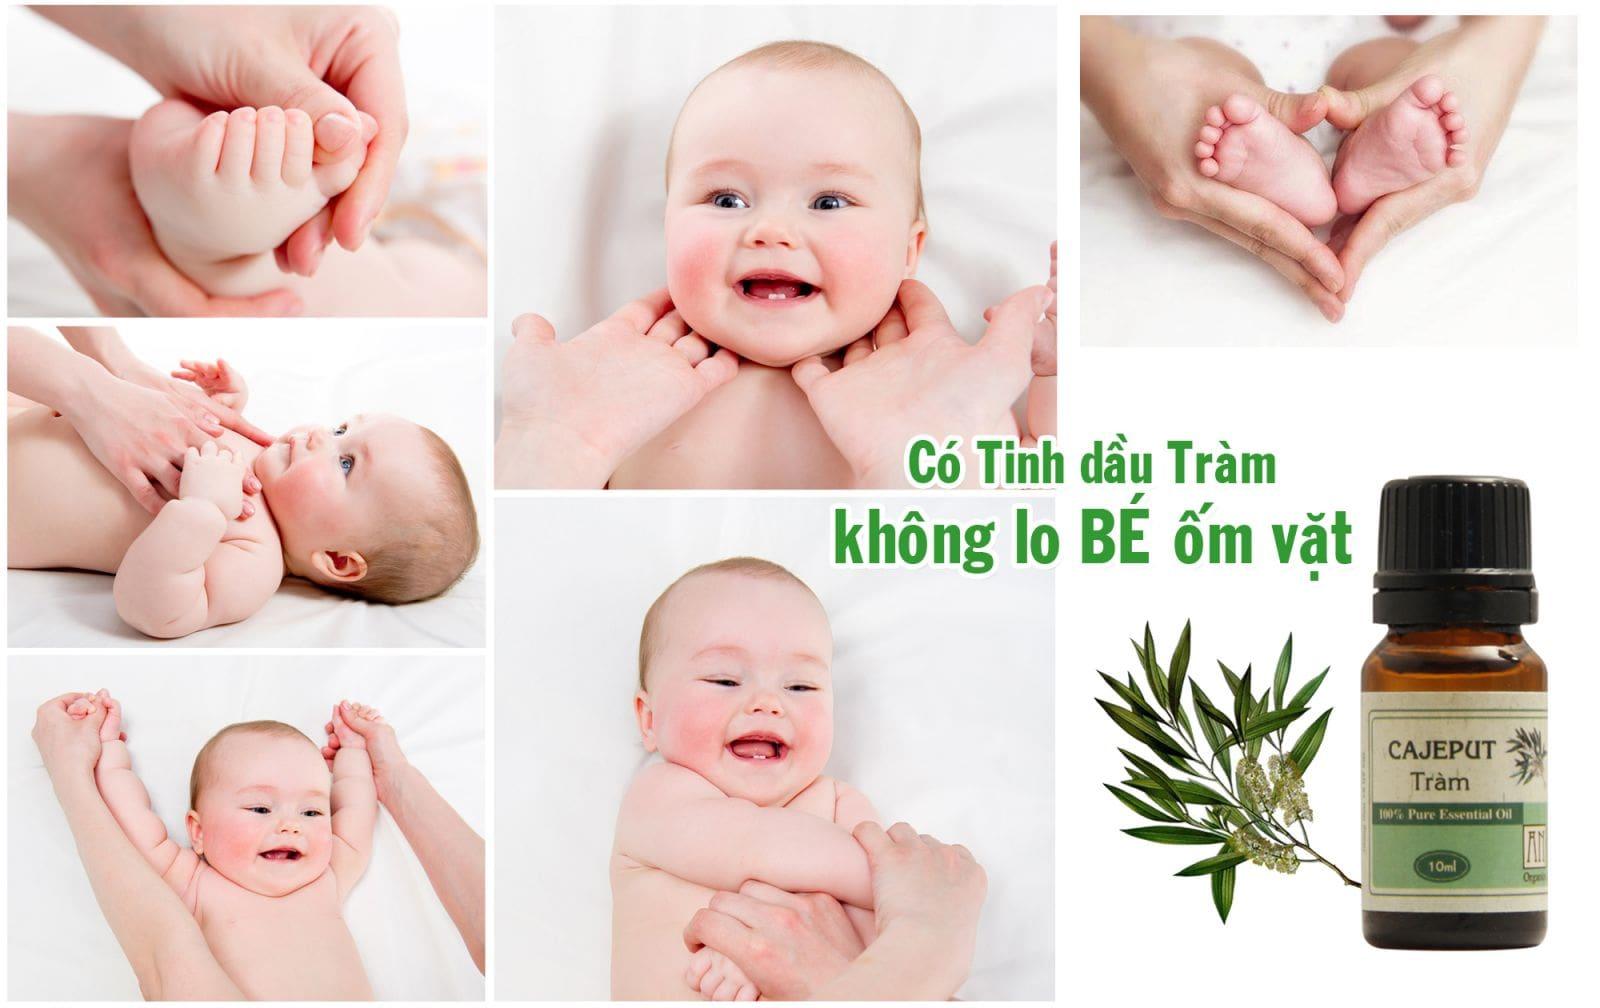 Tắm cho trẻ sơ sinh bằng tinh dầu tràm